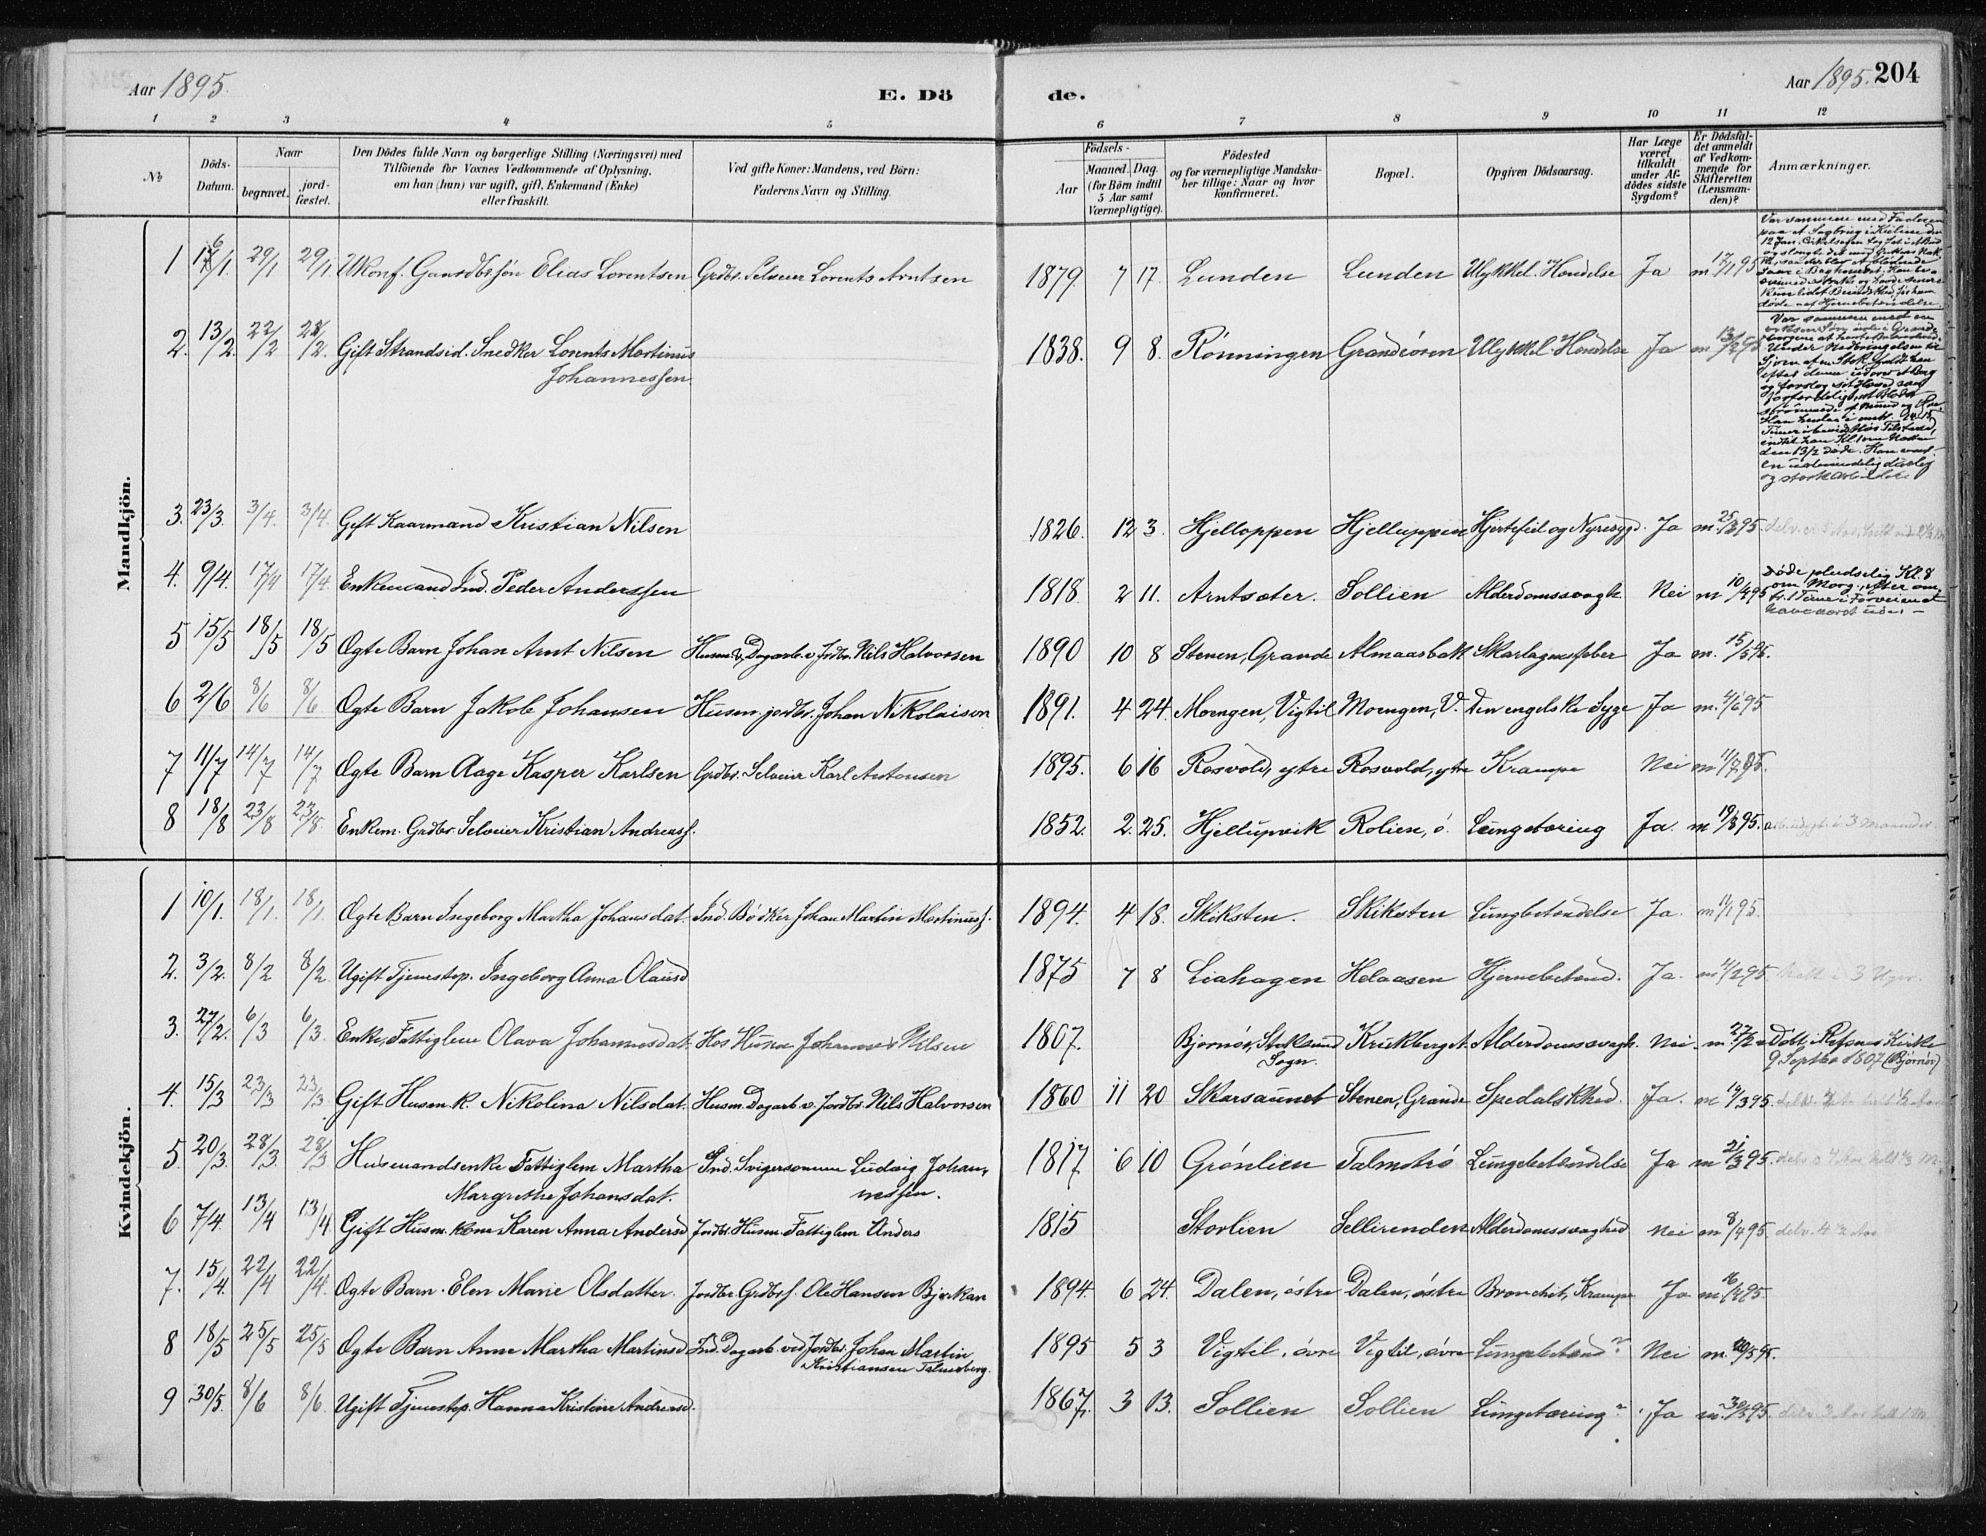 SAT, Ministerialprotokoller, klokkerbøker og fødselsregistre - Nord-Trøndelag, 701/L0010: Ministerialbok nr. 701A10, 1883-1899, s. 204